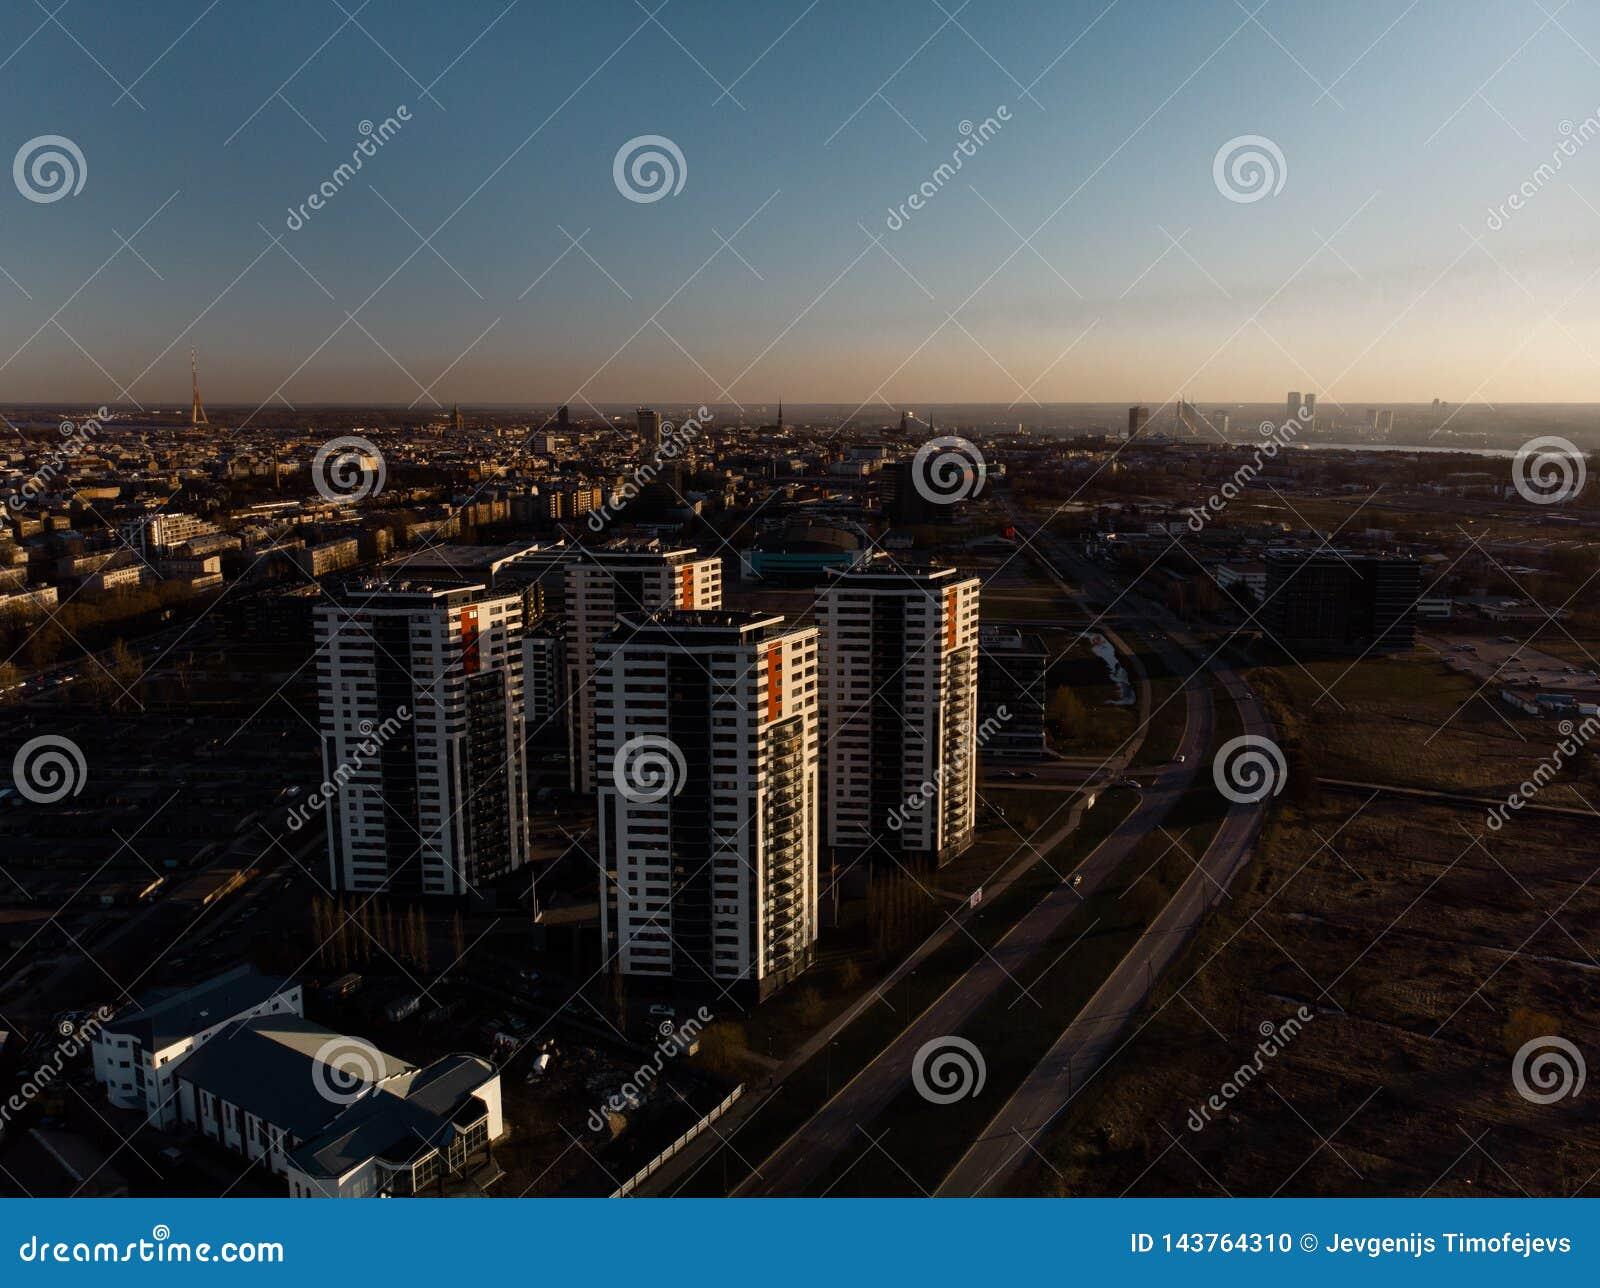 空中剧烈的风景日落有在摩天大楼的一个看法在里加,拉脱维亚-奥尔德敦街市是可看见的在